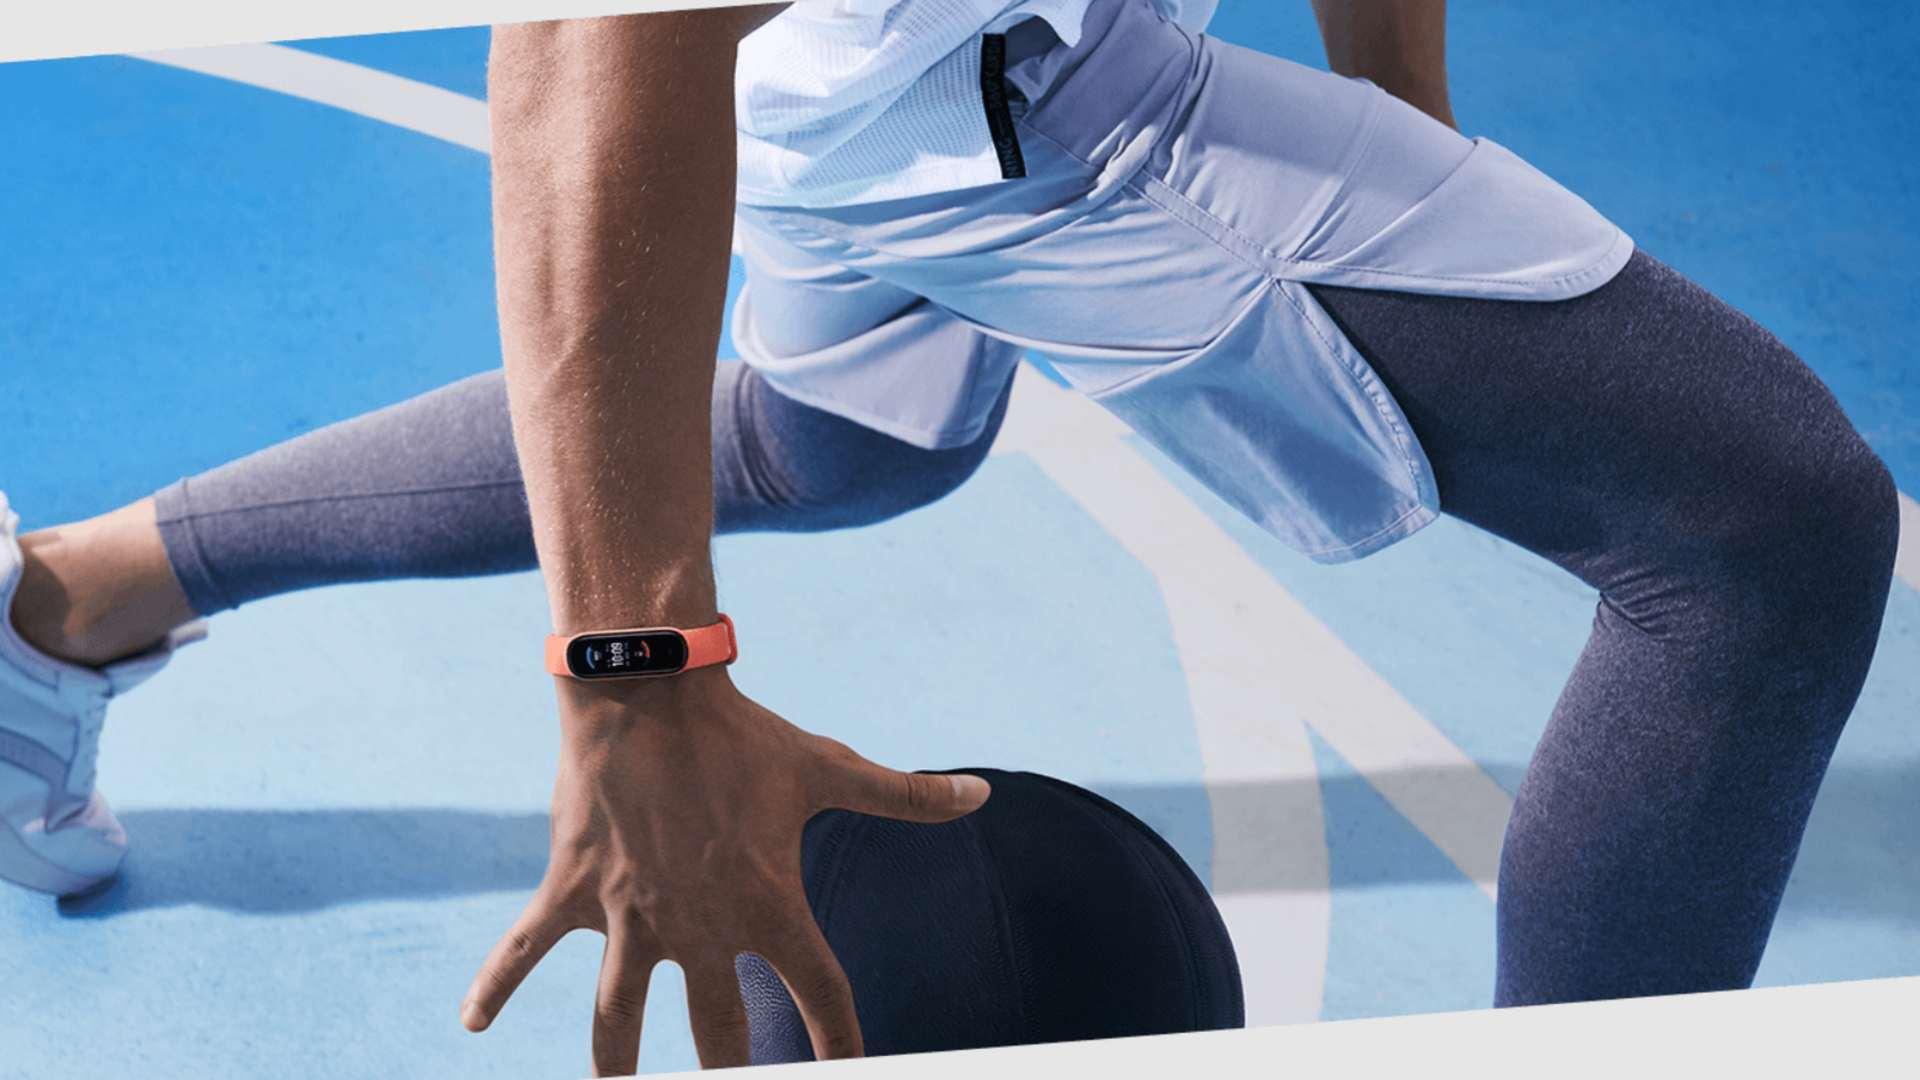 Homem com roupa esportiva usa Amazfit Band 5 laranja enquanto joga basquete na quadra azul